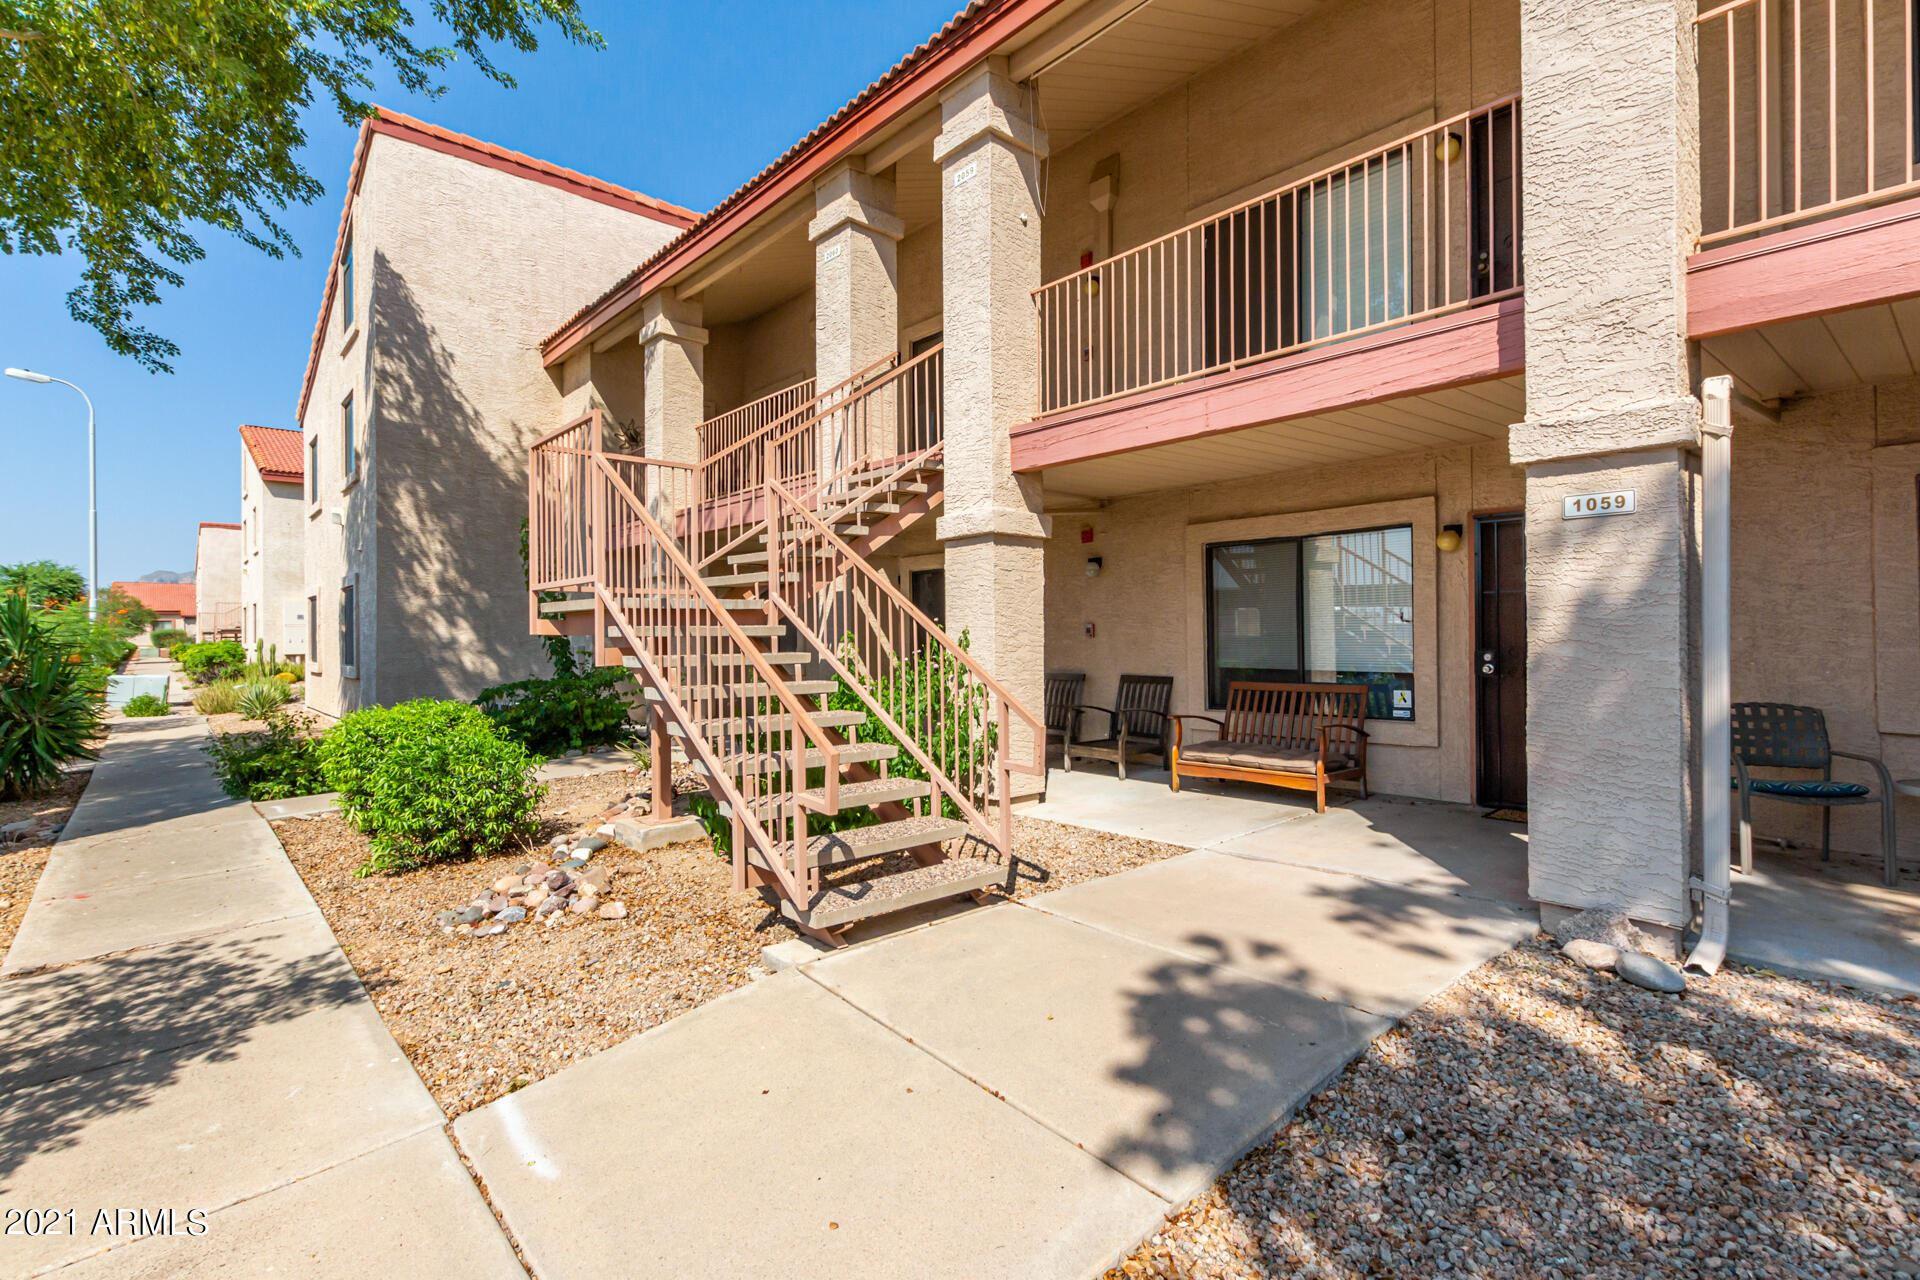 Photo of 1440 N IDAHO Road #2060, Apache Junction, AZ 85119 (MLS # 6295554)